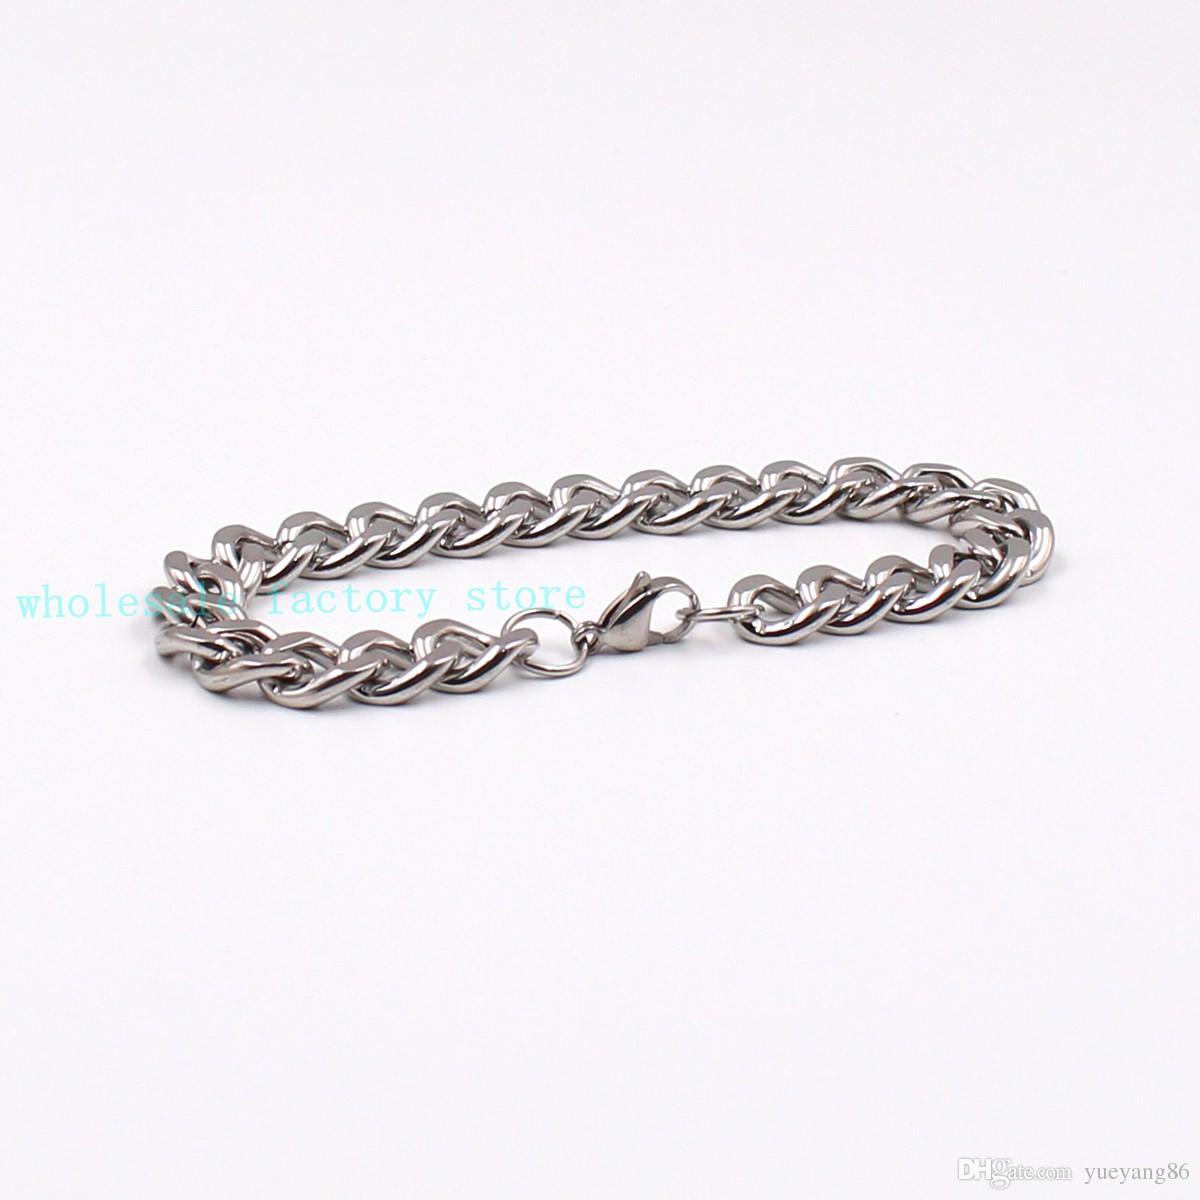 Forti gioielli 10mm / 15mm Argento Heavy Link Cuban Curb Chain Necklace Bracciale in acciaio inossidabile Set di gioielli con moschettone